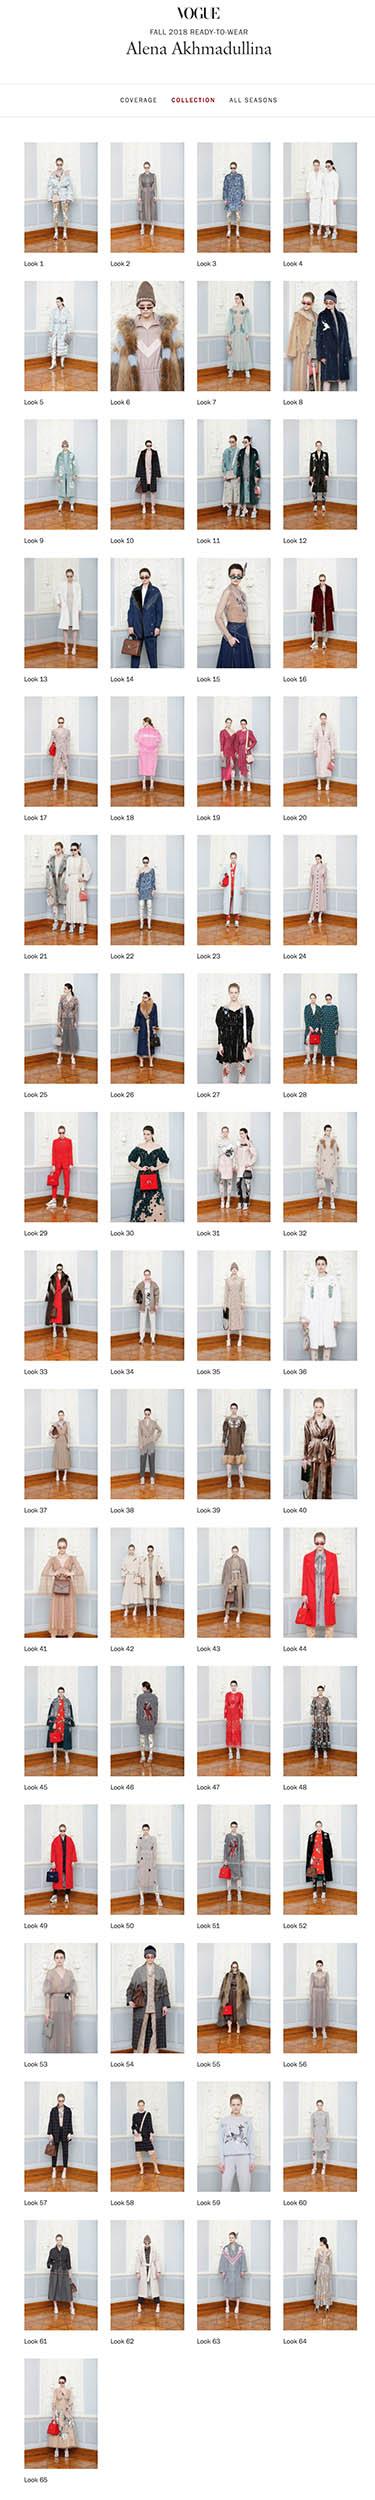 2.7.18 Vogue.com Images AA FW18.jpg